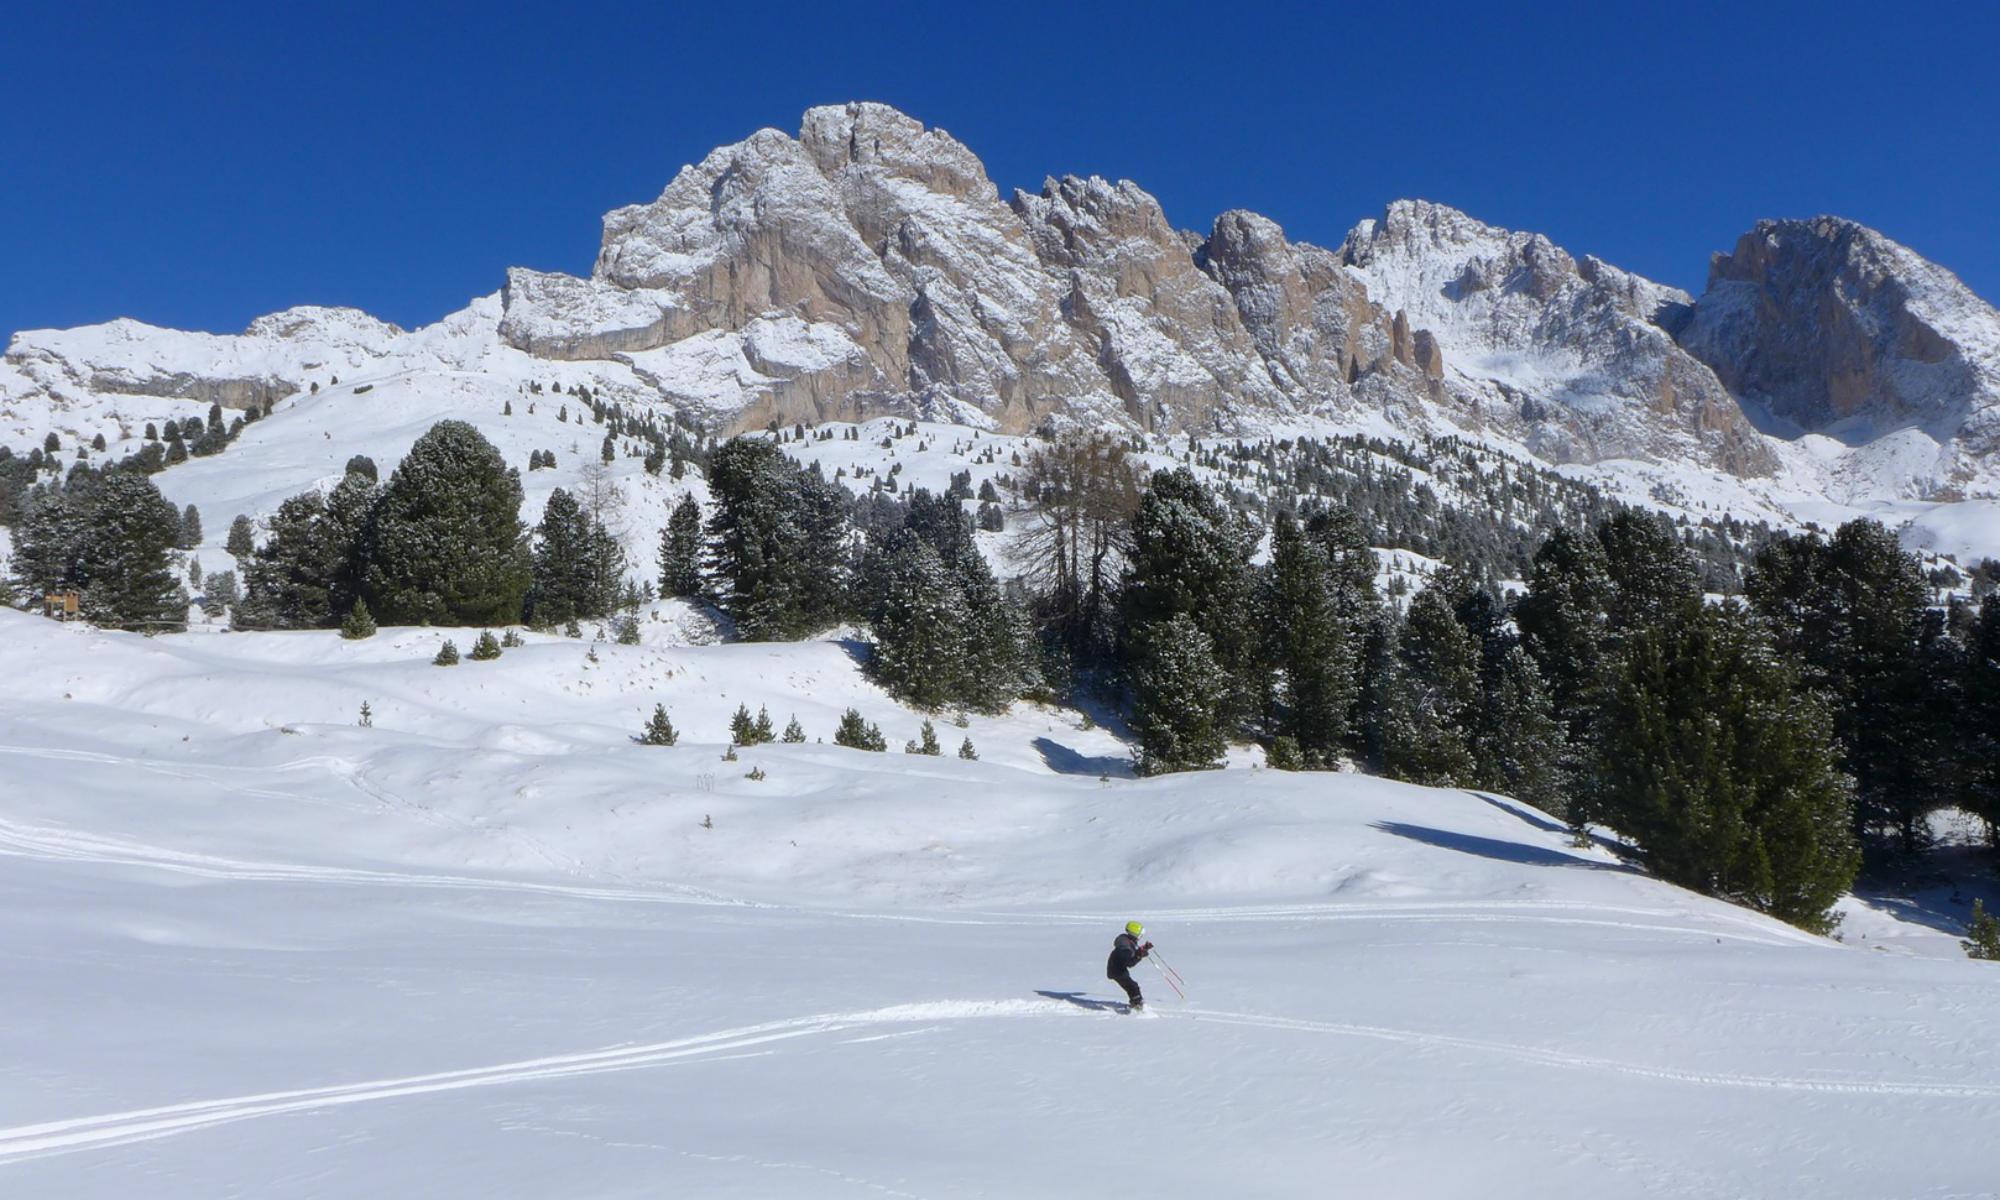 Un bambino scende una pista in Val Gardena.